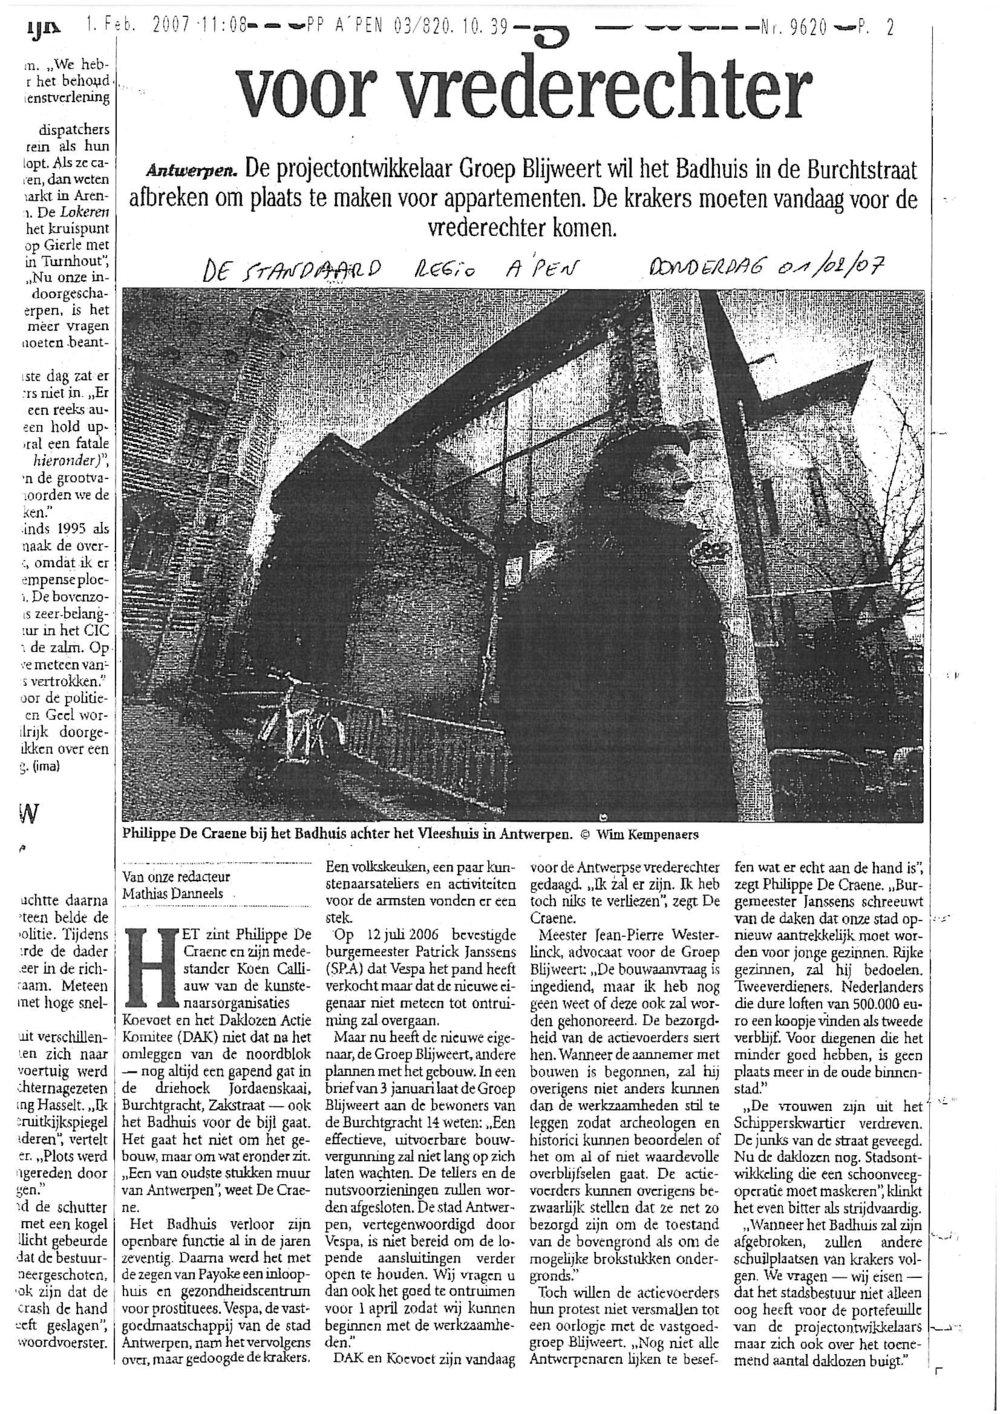 Artikel Badhuis02.jpg